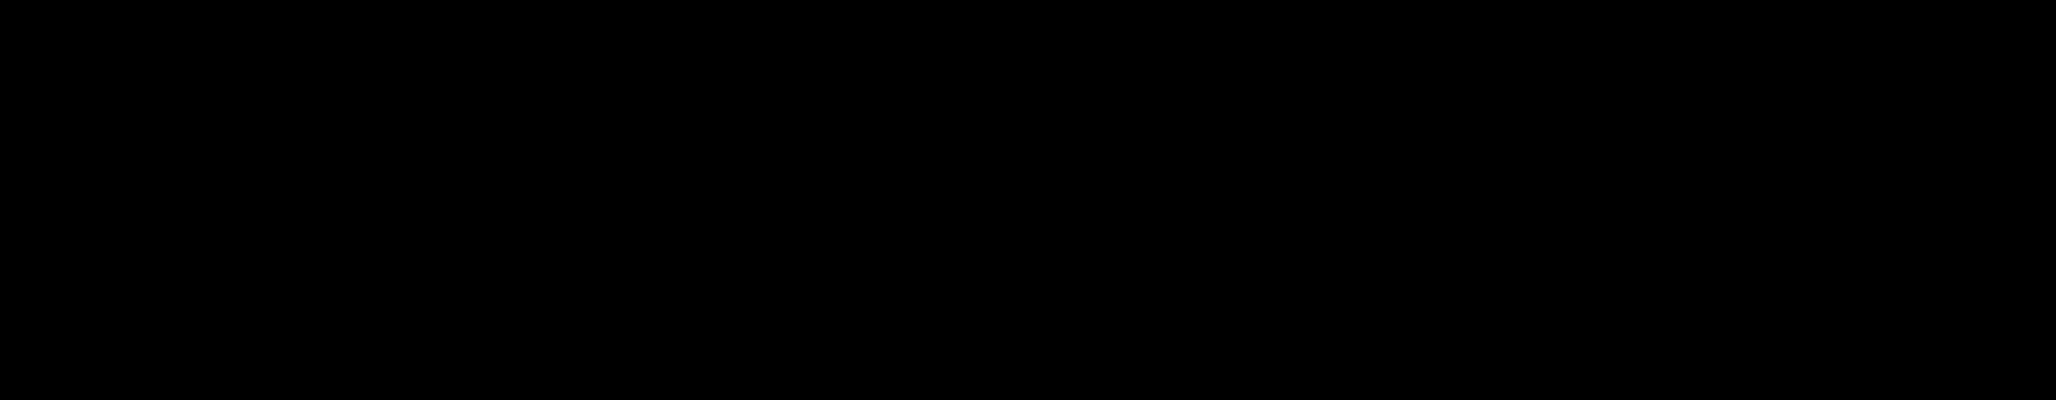 Nakleo